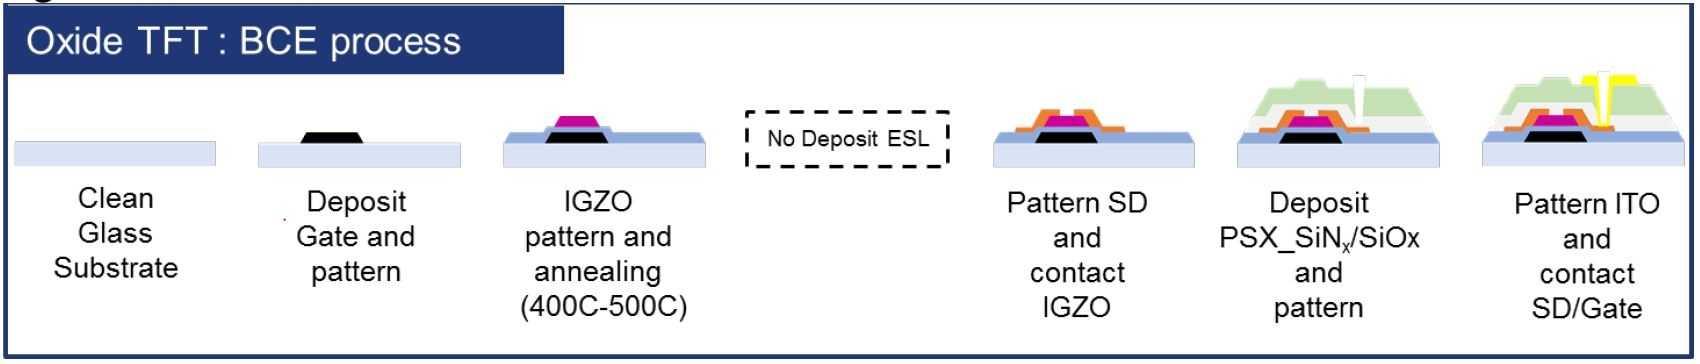 Dank BCE-Passivierung an Stelle einer ESL-Barriere spart man in der Oxid-TFT-Herstellung einen kompletten Prozessschritt und damit Zeit und Geld.